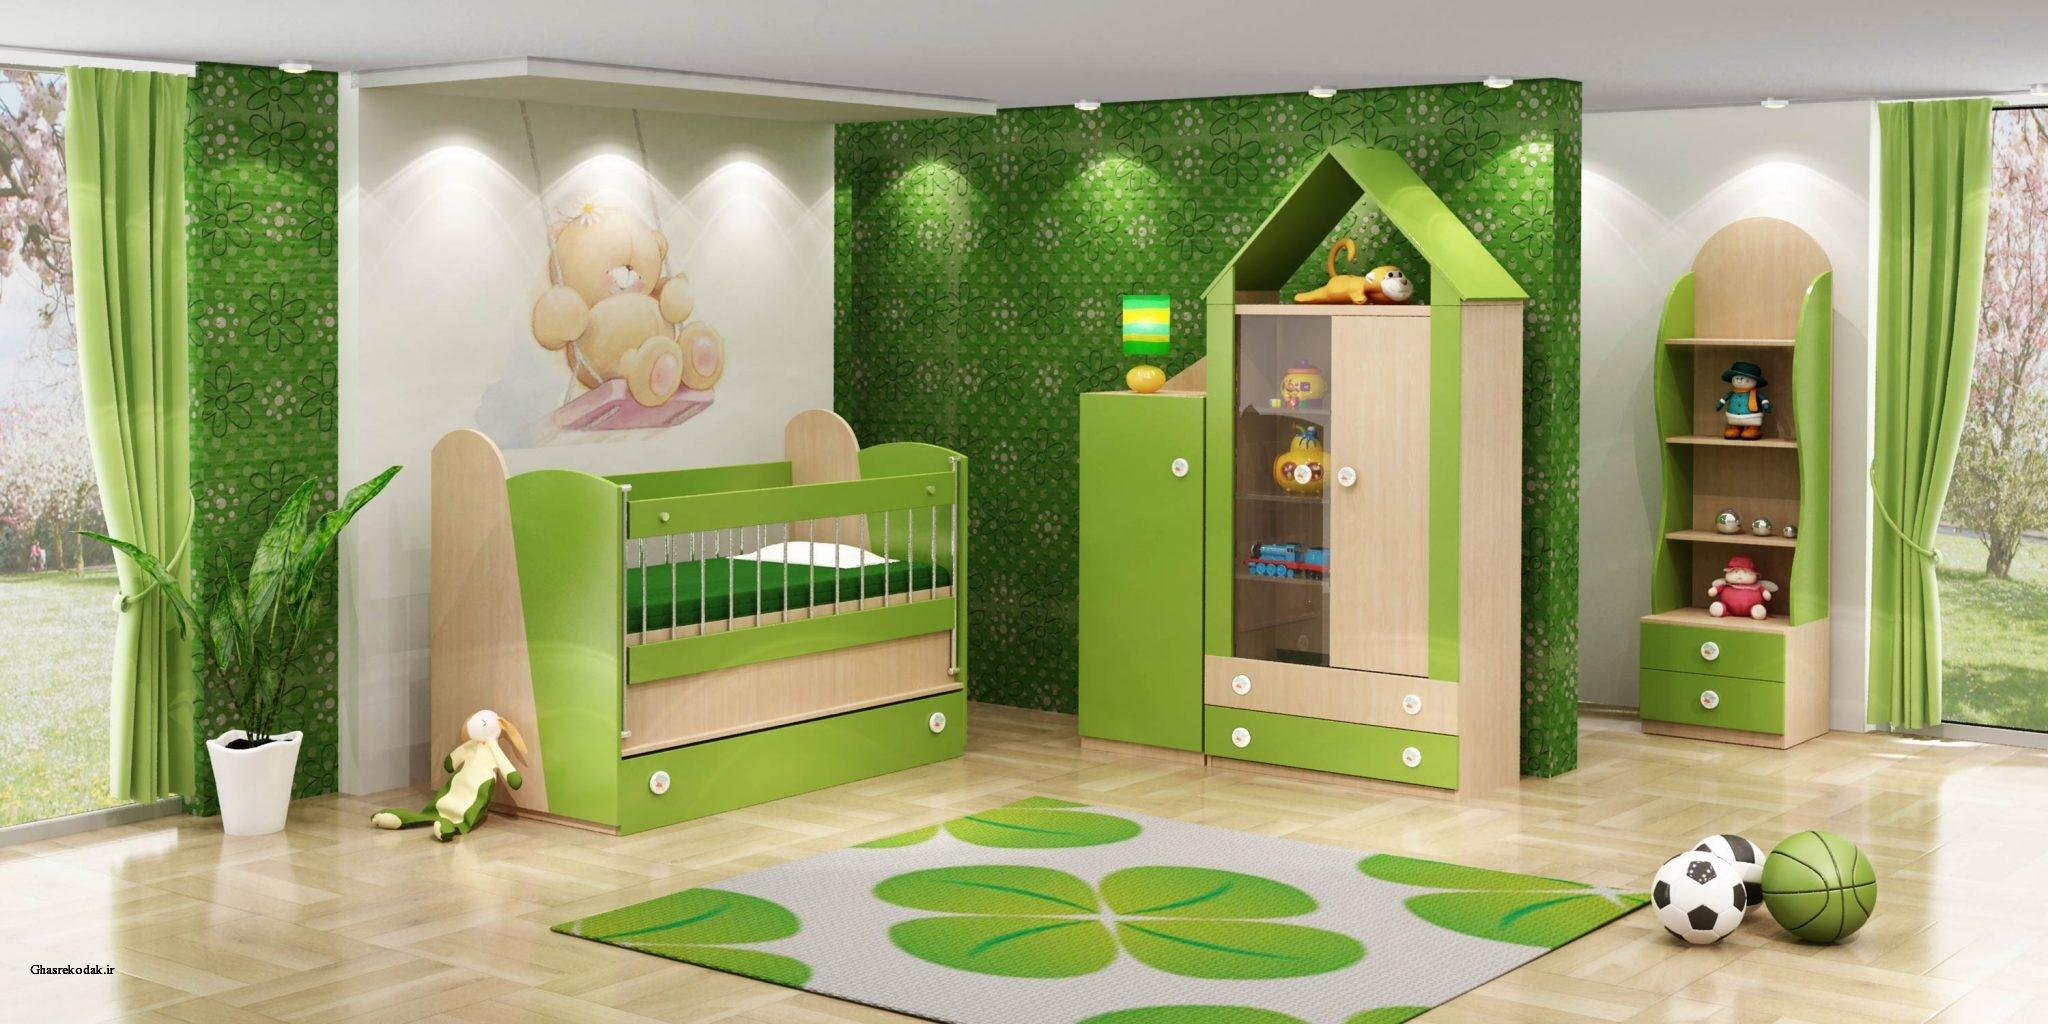 چیدمان-اتاق-کودک-سیسمونی-نوزاد-دختر-و-پسر-17